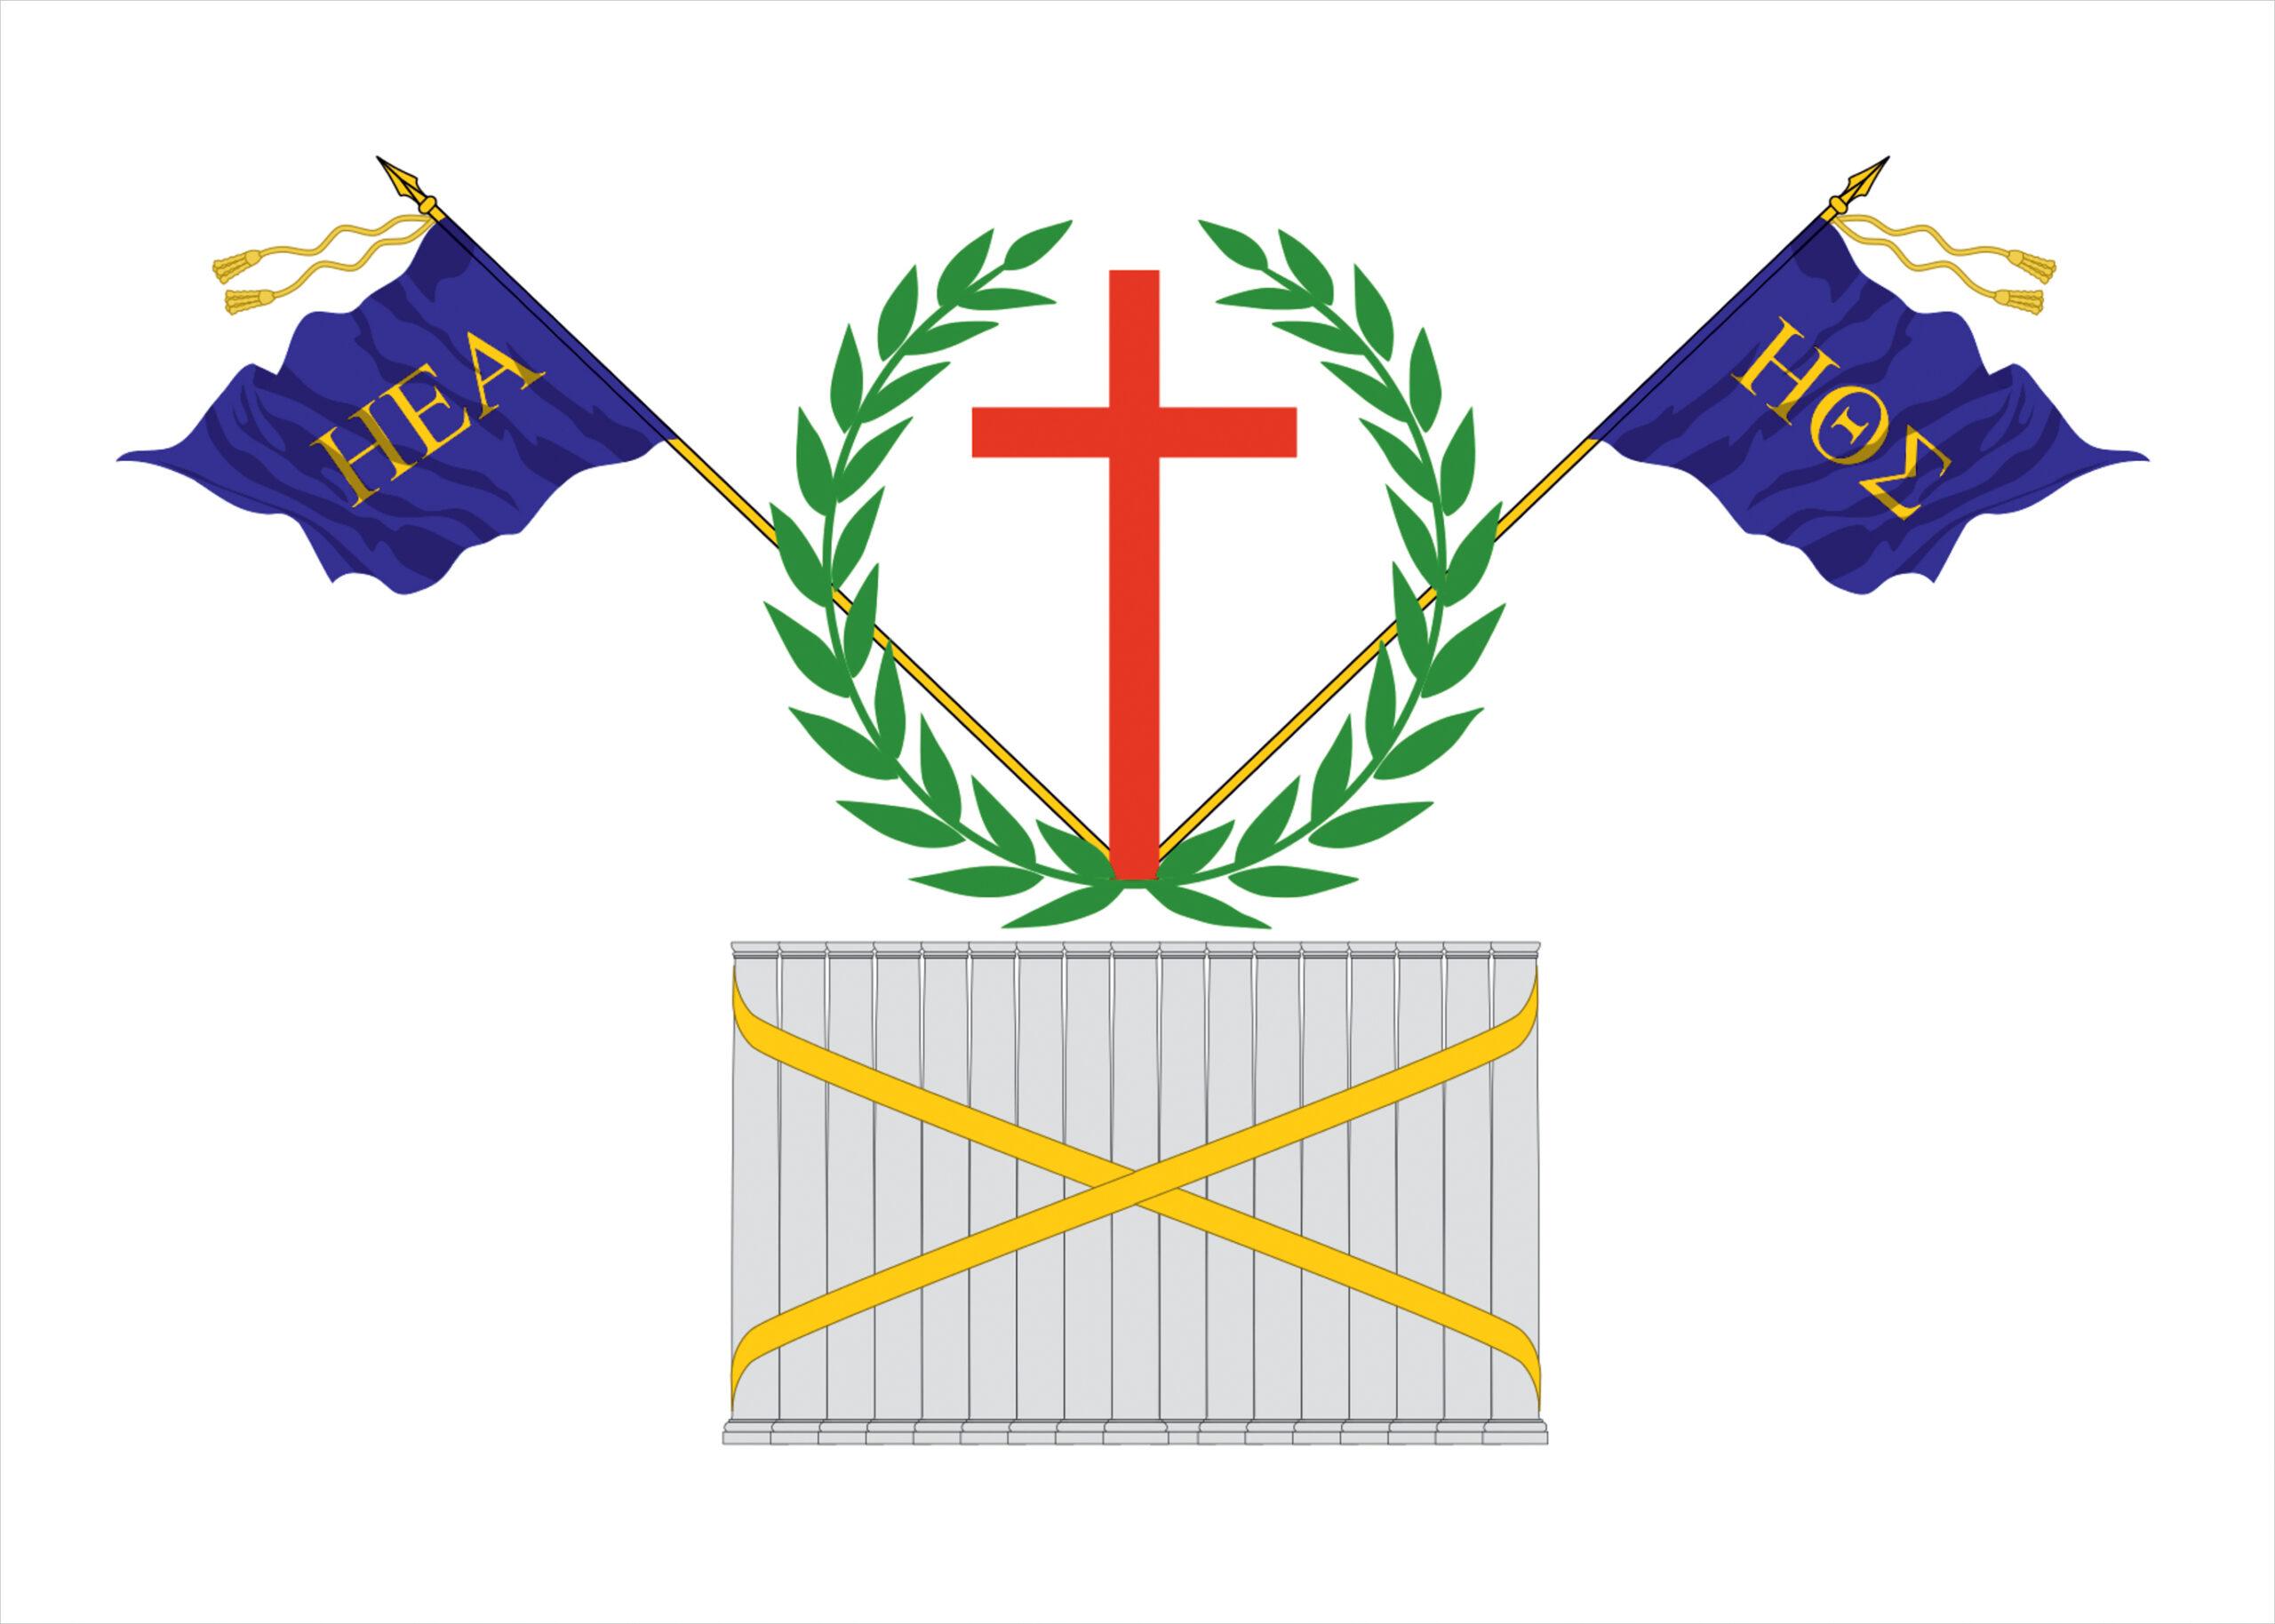 Οι Σημαίες της Επανάστασης του 1821 θα γεμίσουν το κέντρο της Θεσσαλονίκης